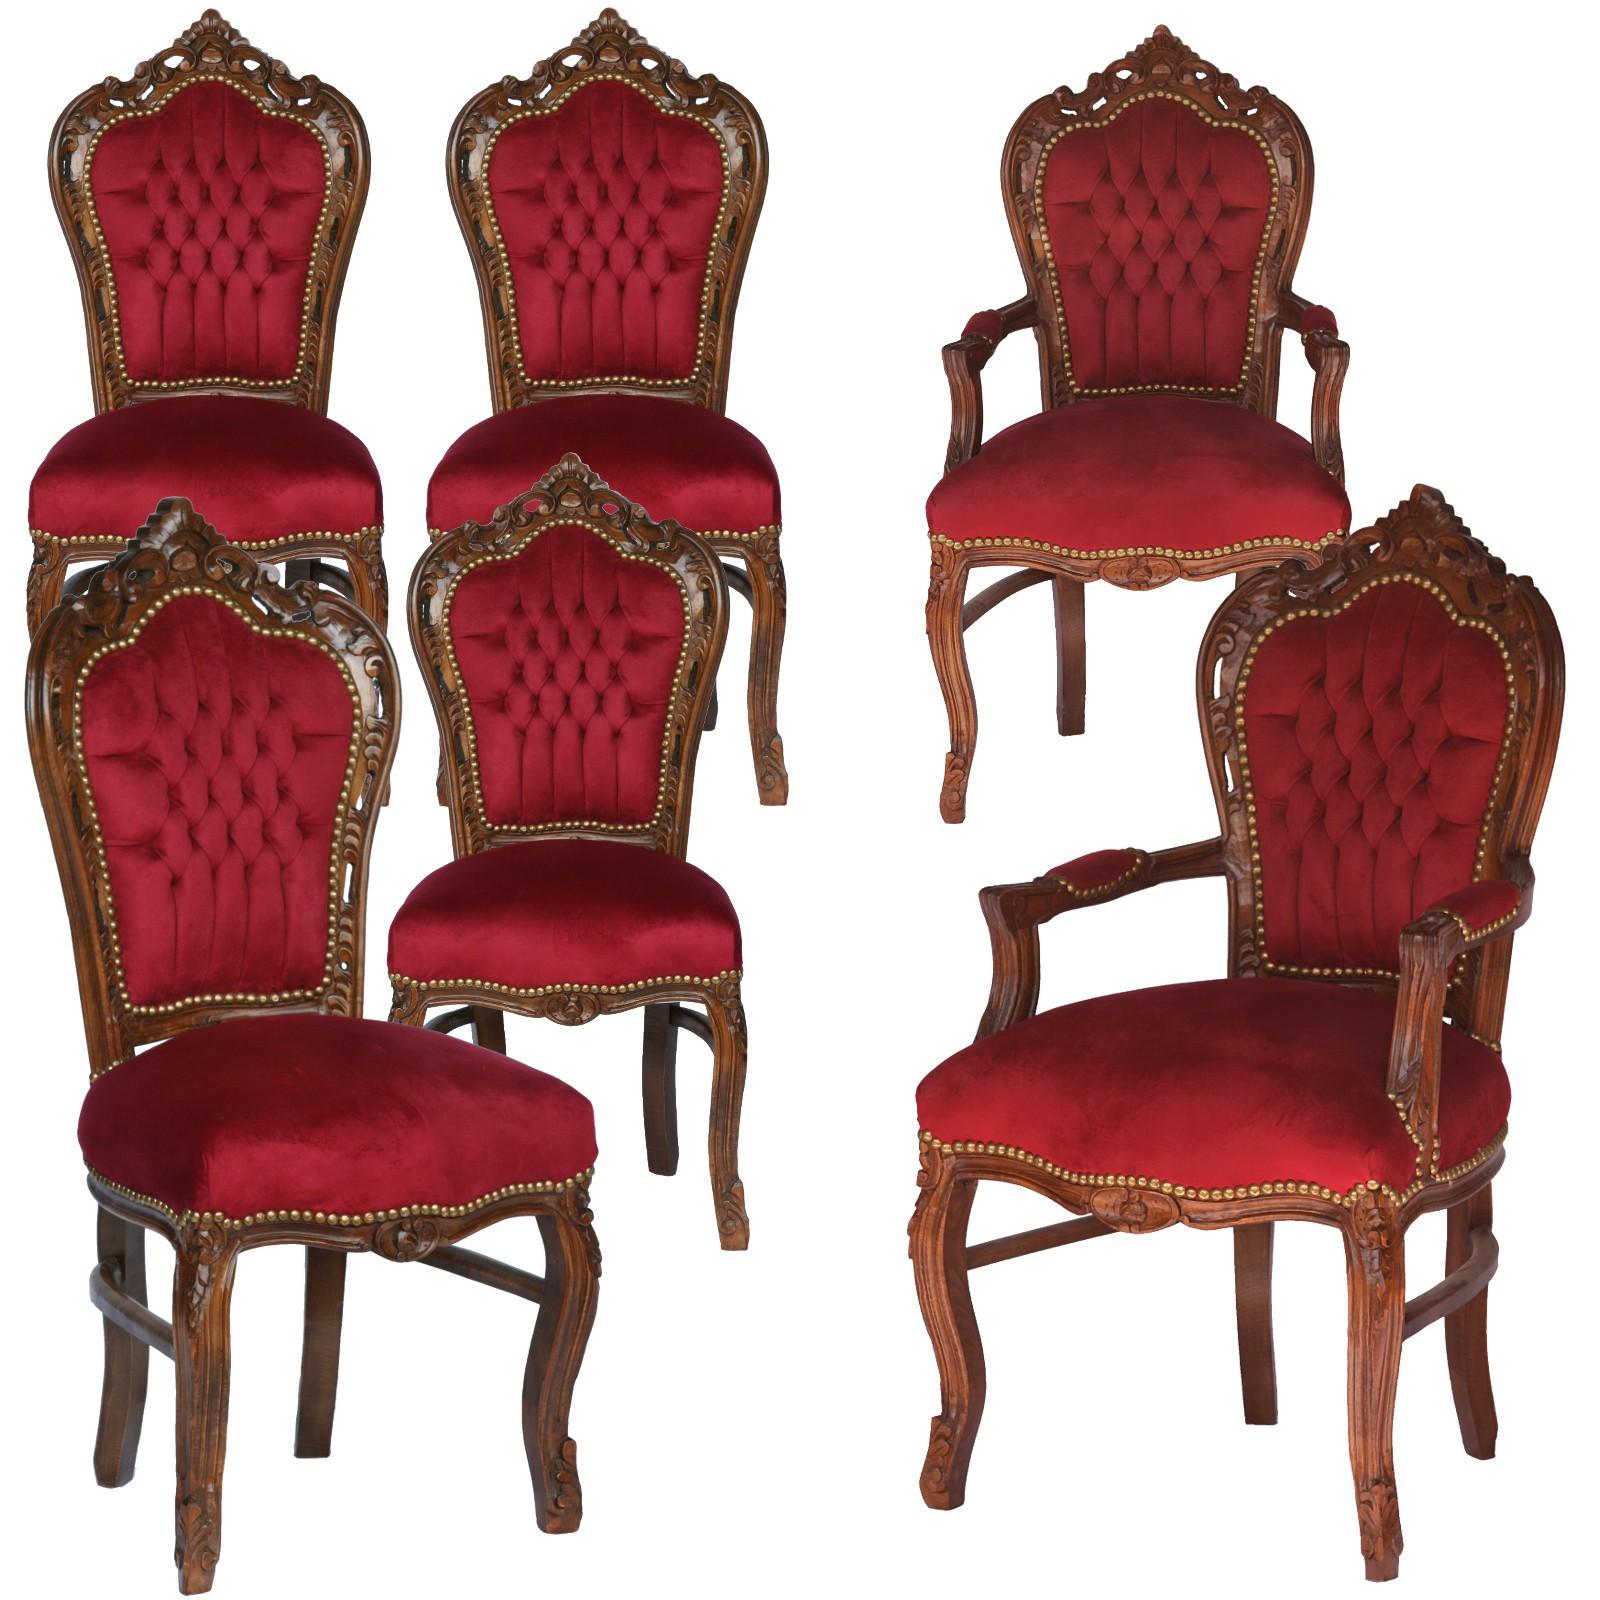 Sitzgruppe Holz Esszimmer Küche Barockmöbel 6er Set Stühle rot gold ...